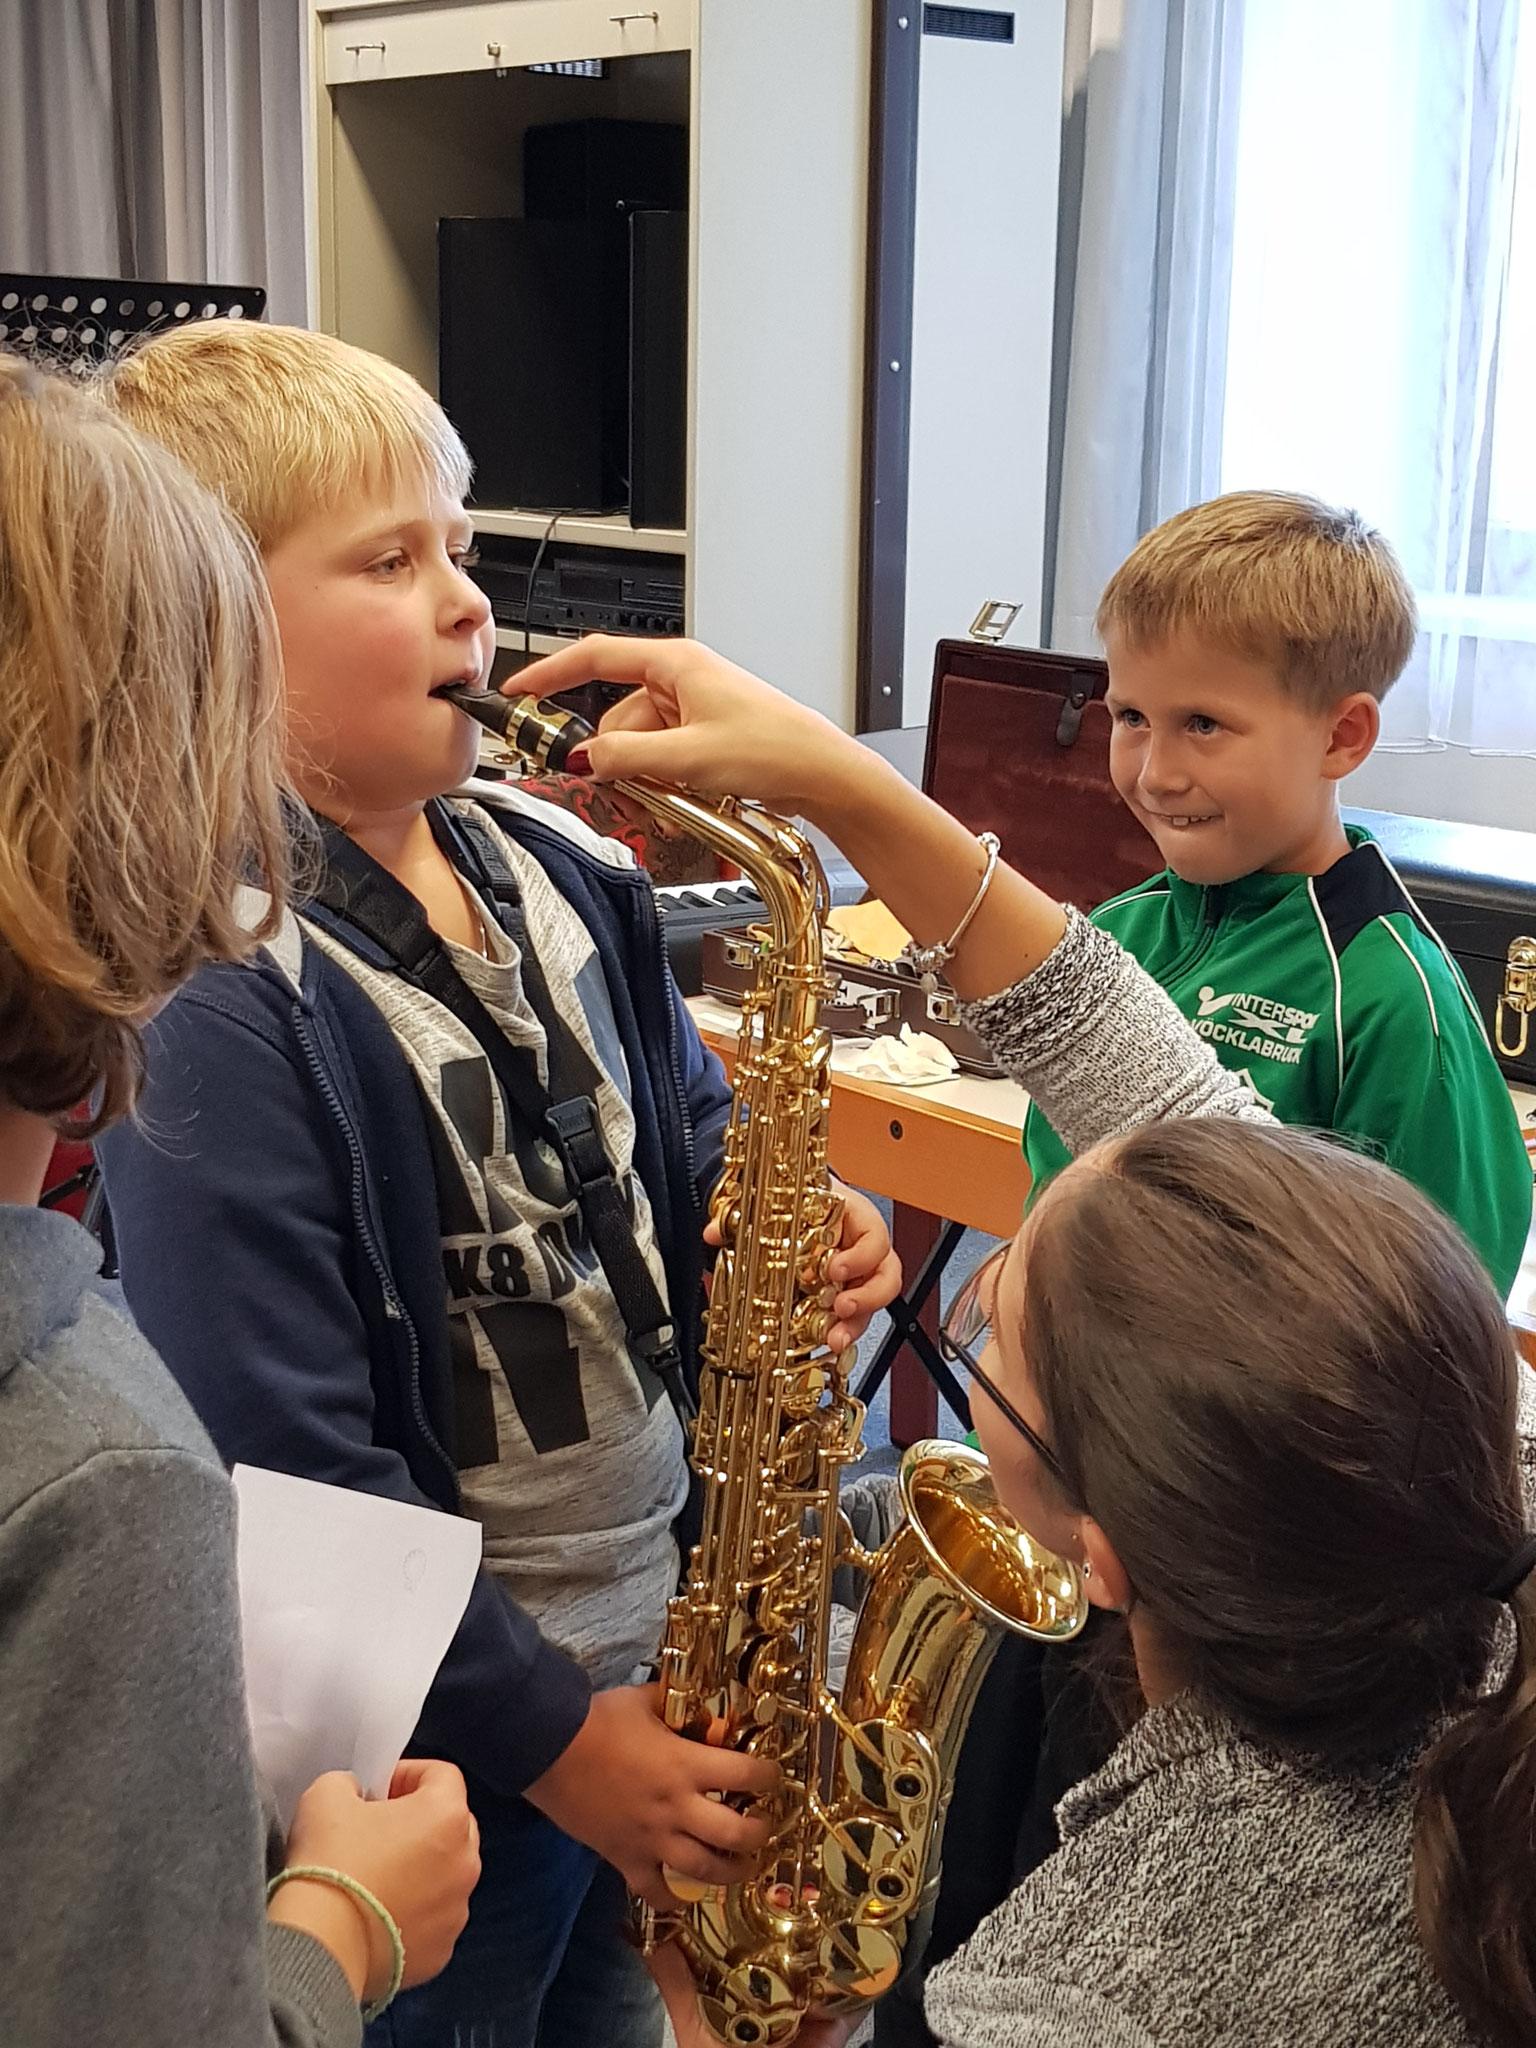 auch dem Saxophon kann man schöne Klänge entlocken